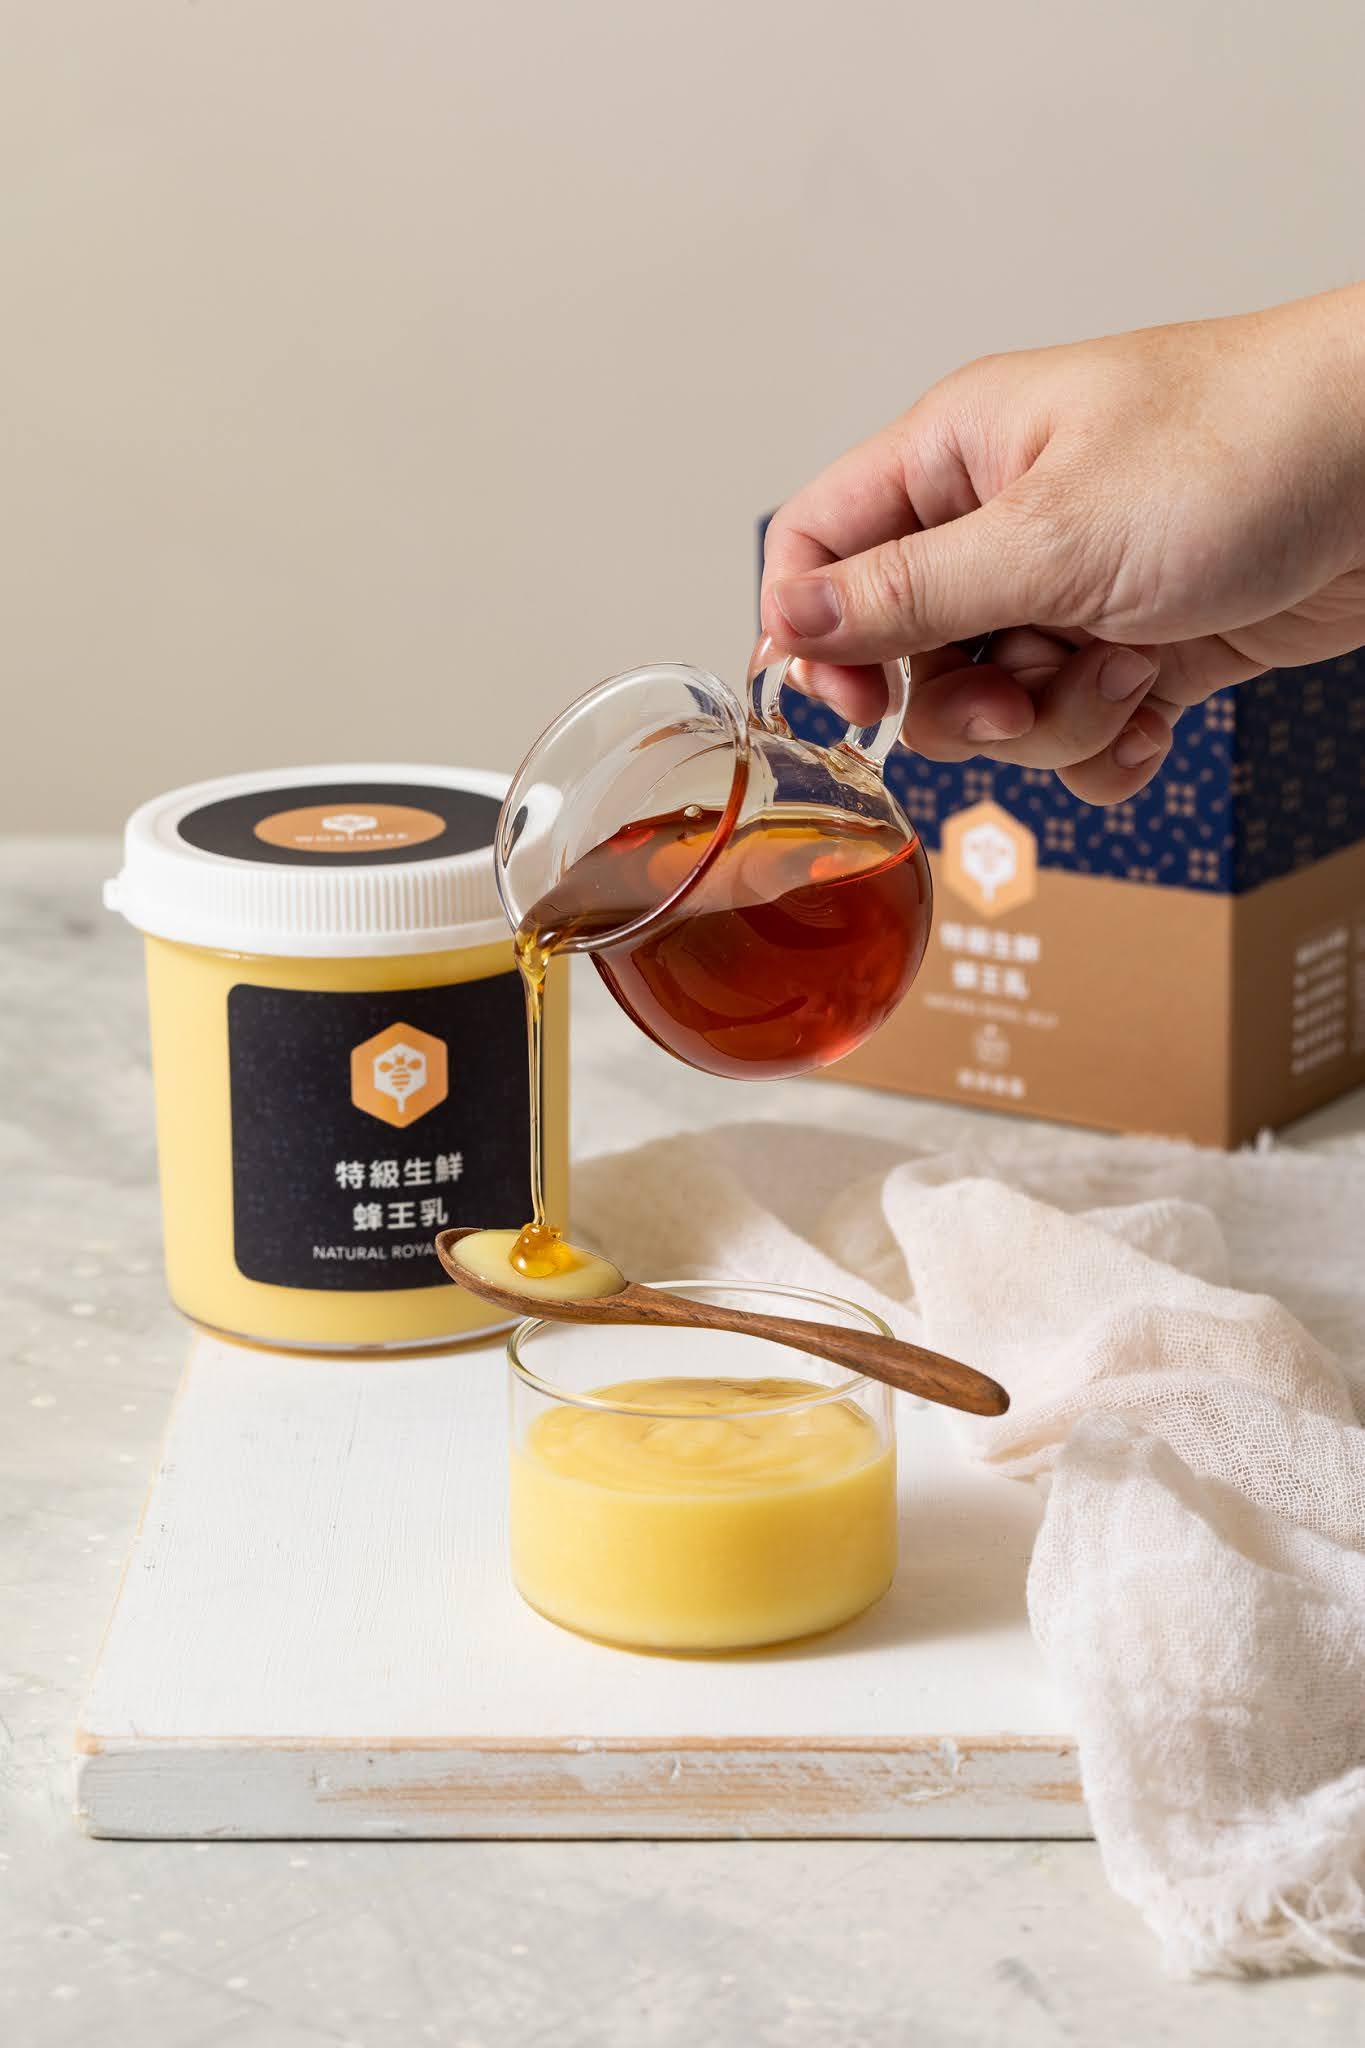 蜂蜜的好處和優點有哪些 蜂王乳和一般蜂蜜的差異